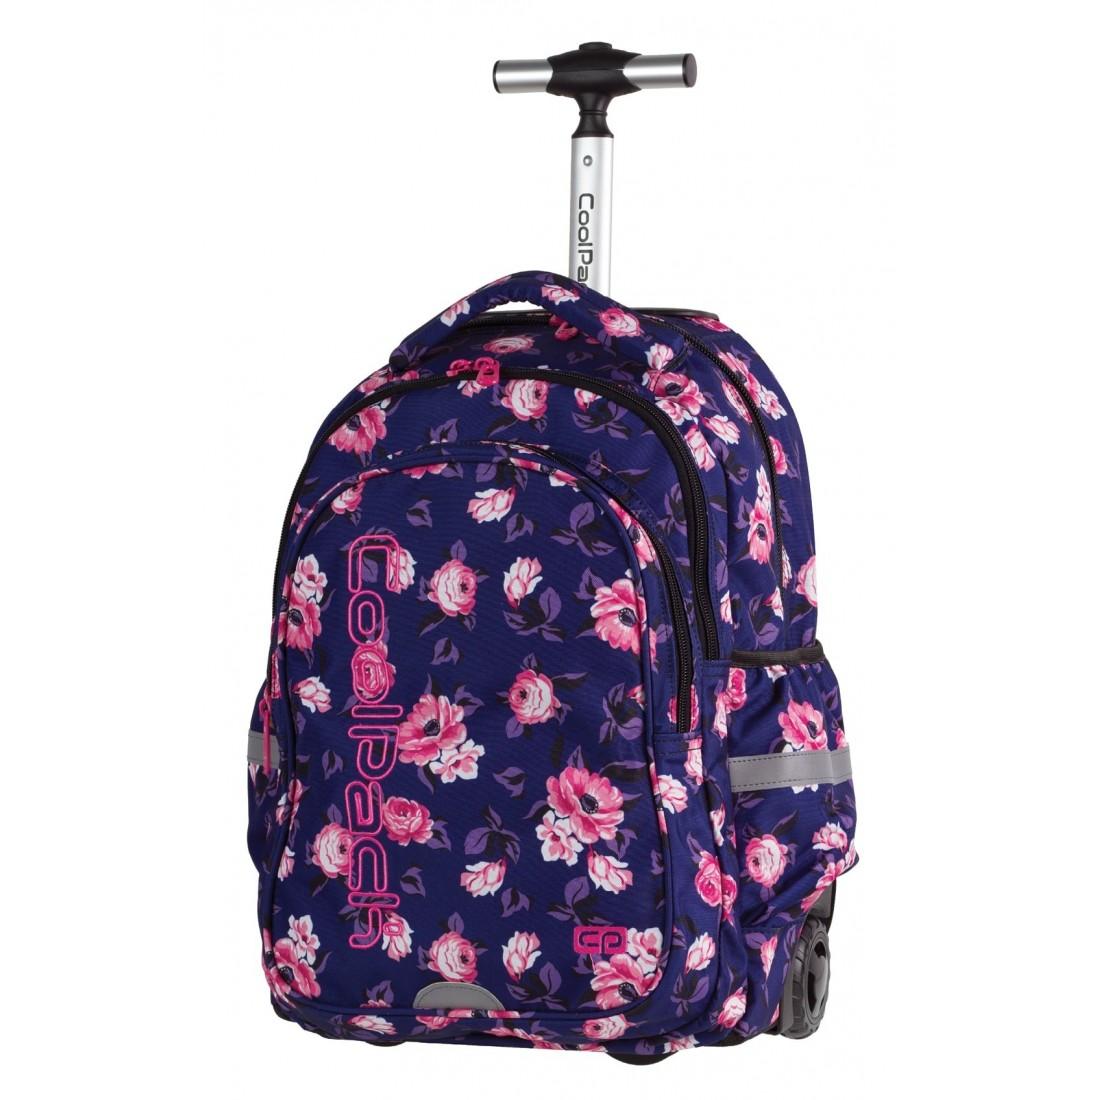 Plecak na kółkach CoolPack CP granatowy w róże JUNIOR ROSE GARDEN 1071 dla dziewczynki